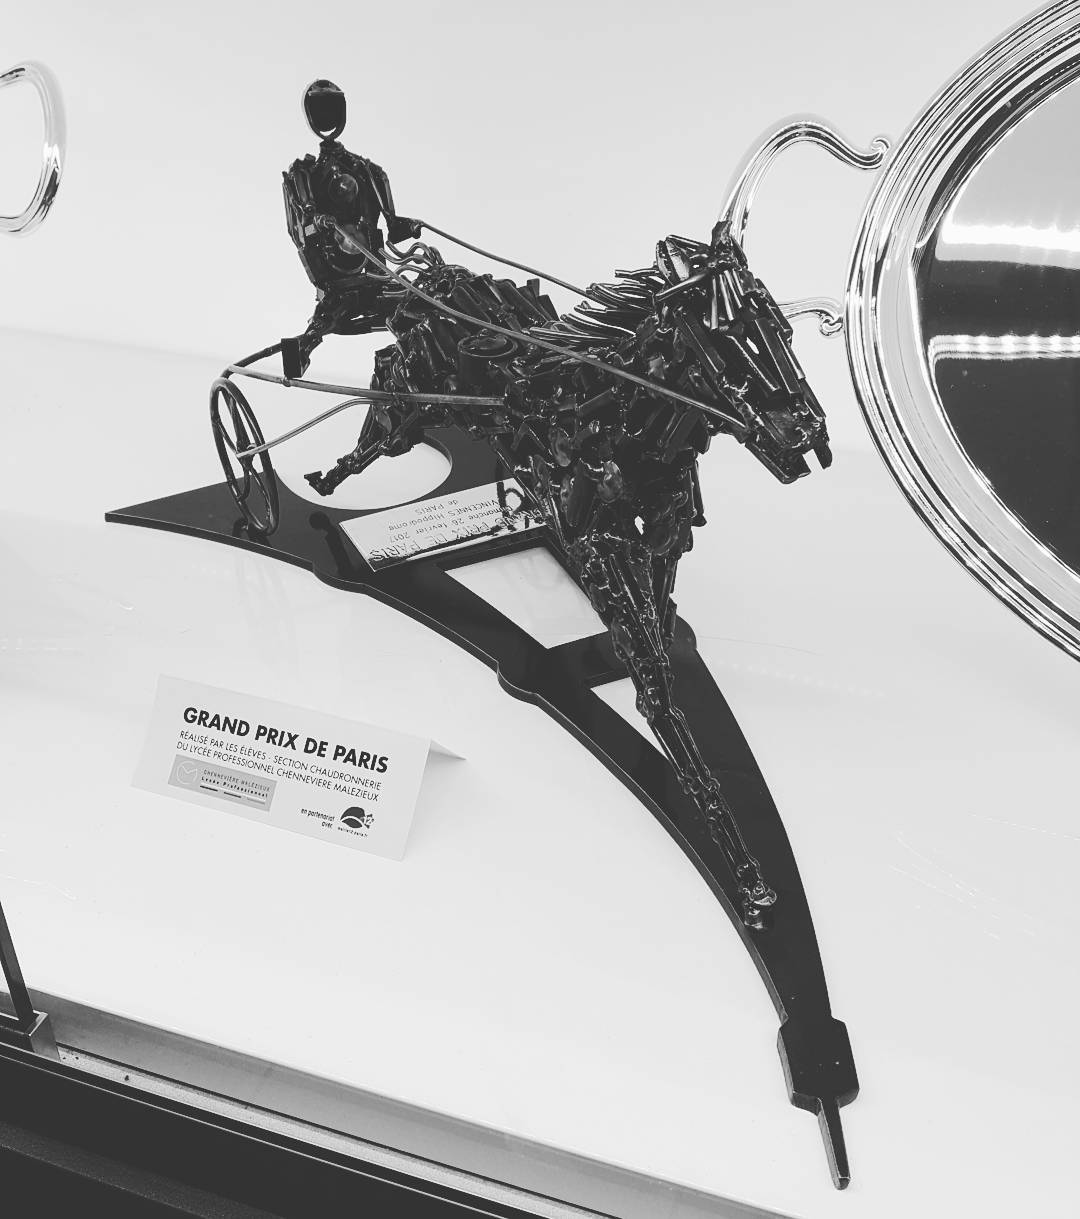 Grand prix de Paris Trophe ralis par les lves duhellip